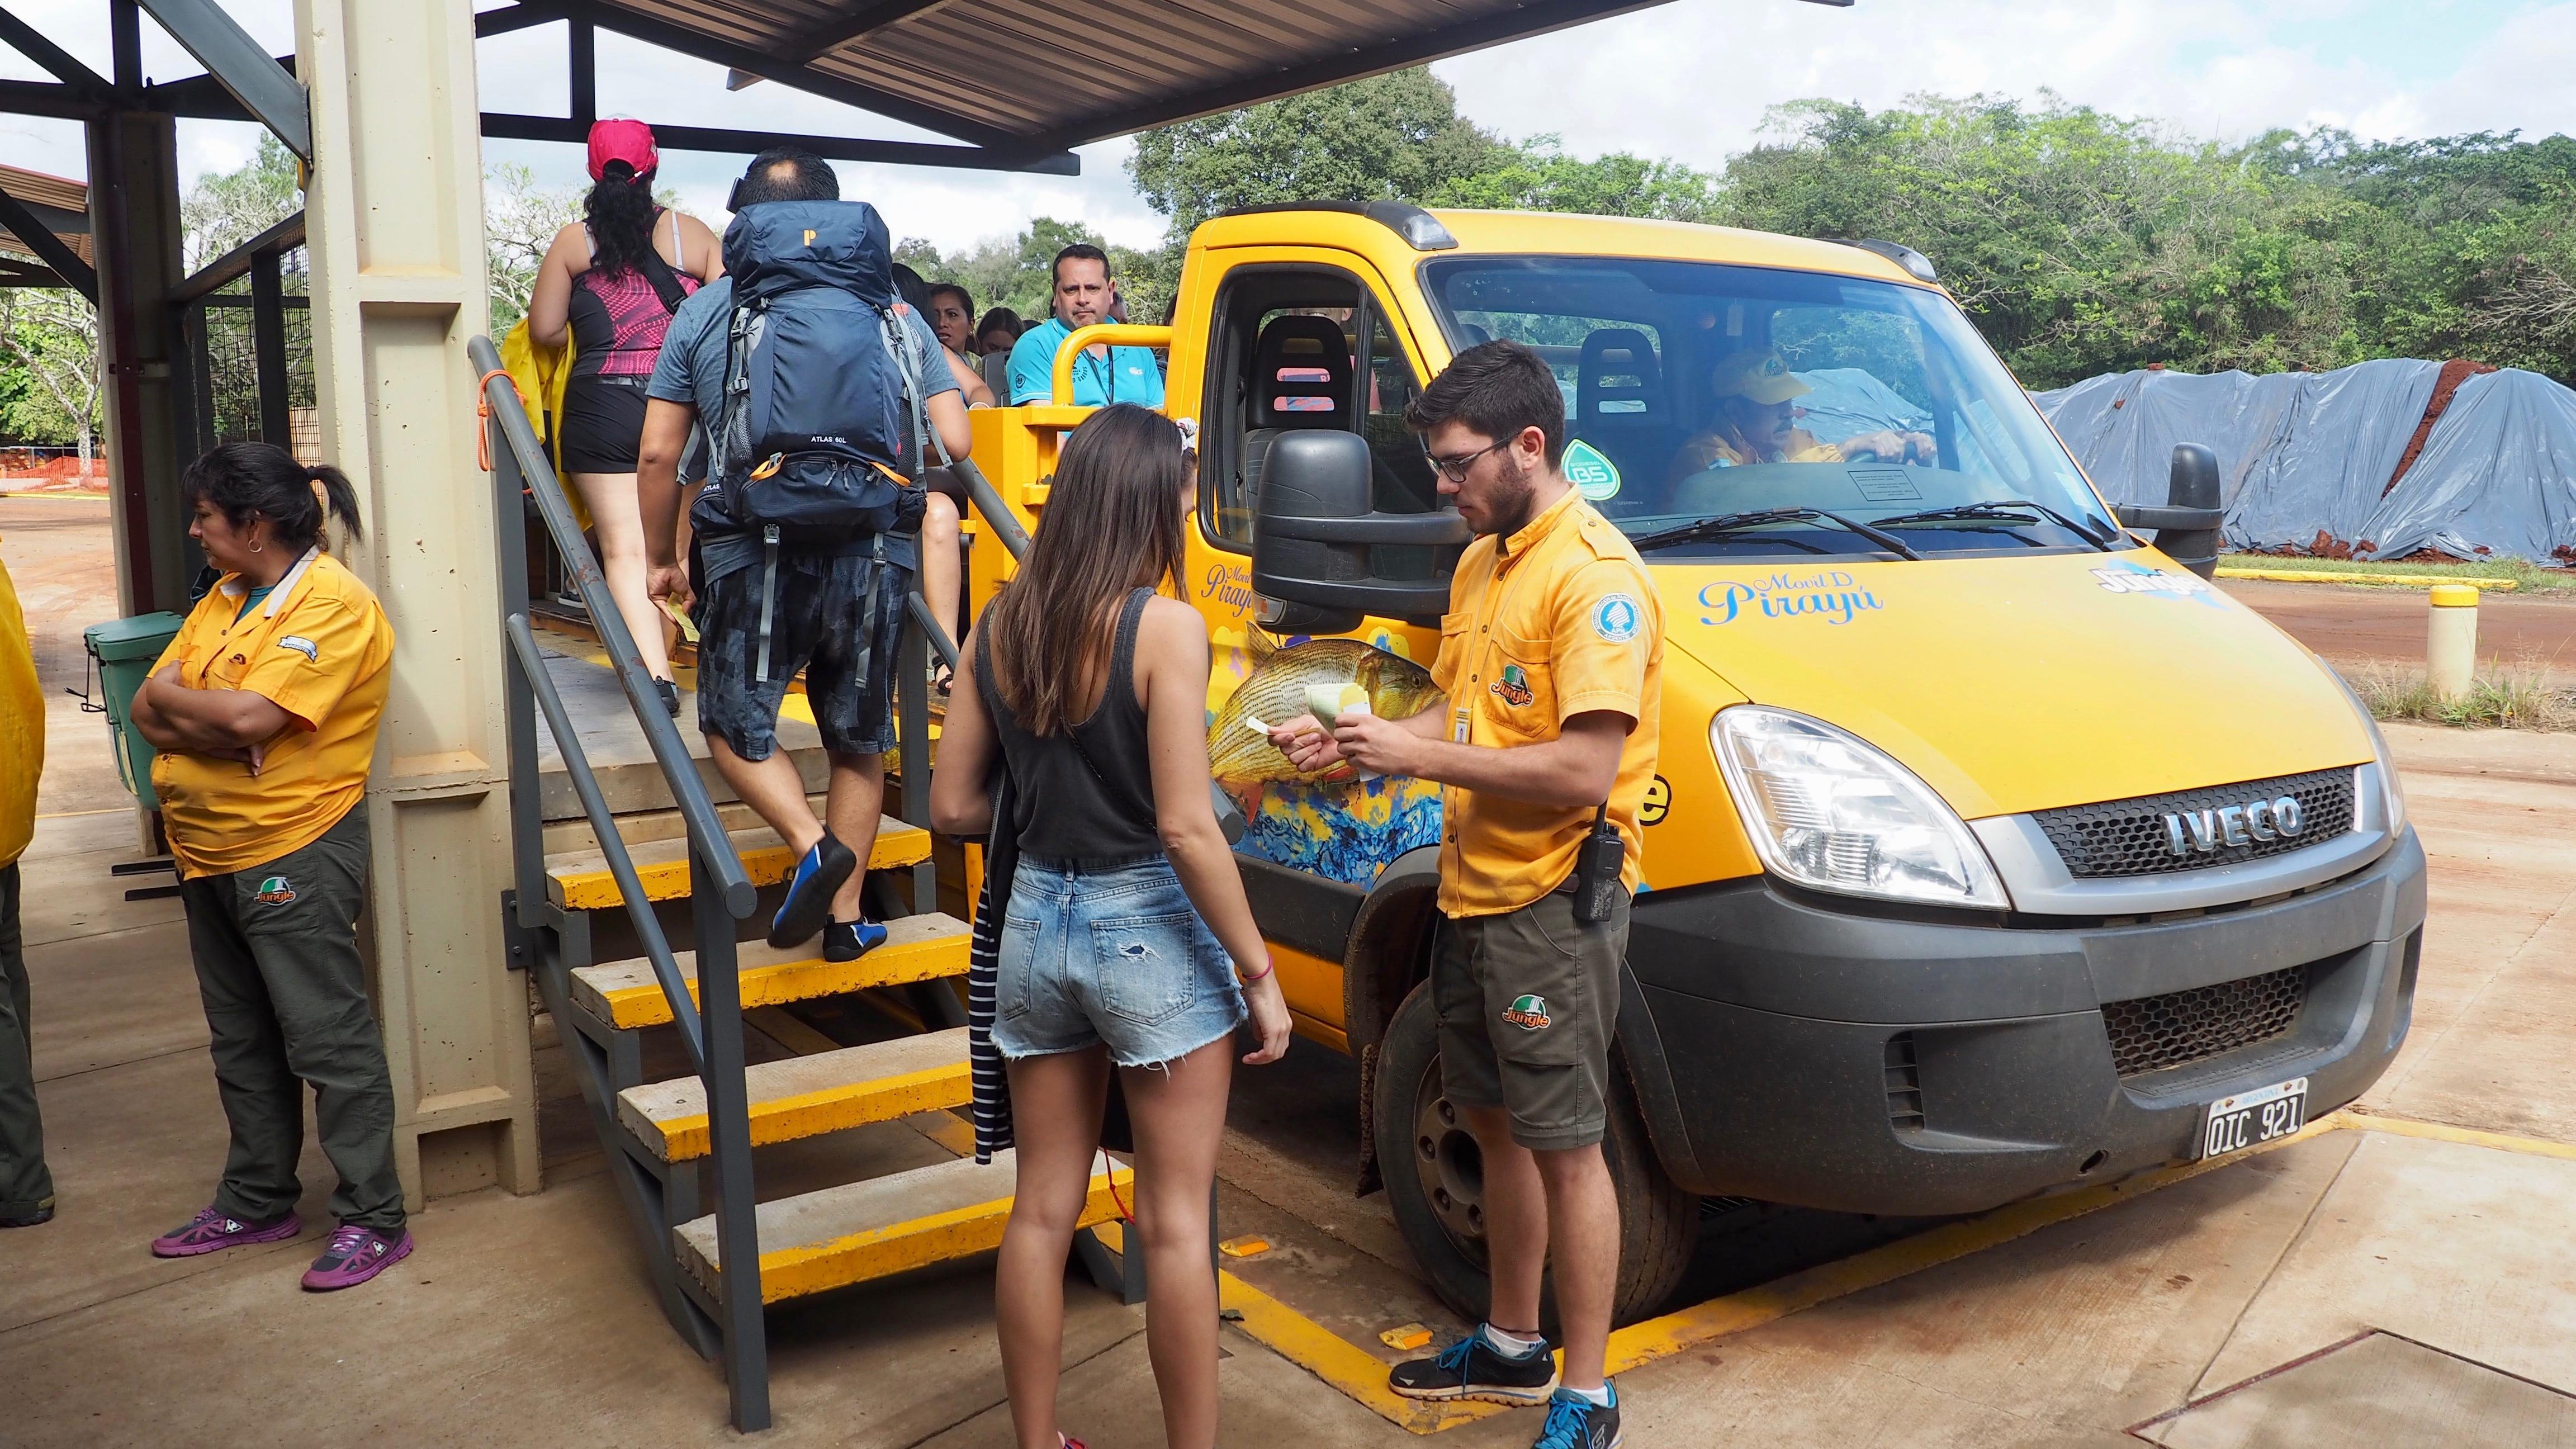 A punto de empezar la actividad en las Cataratas de Iguazú. Ejemplo de vestimenta para Cataratas de Iguazú